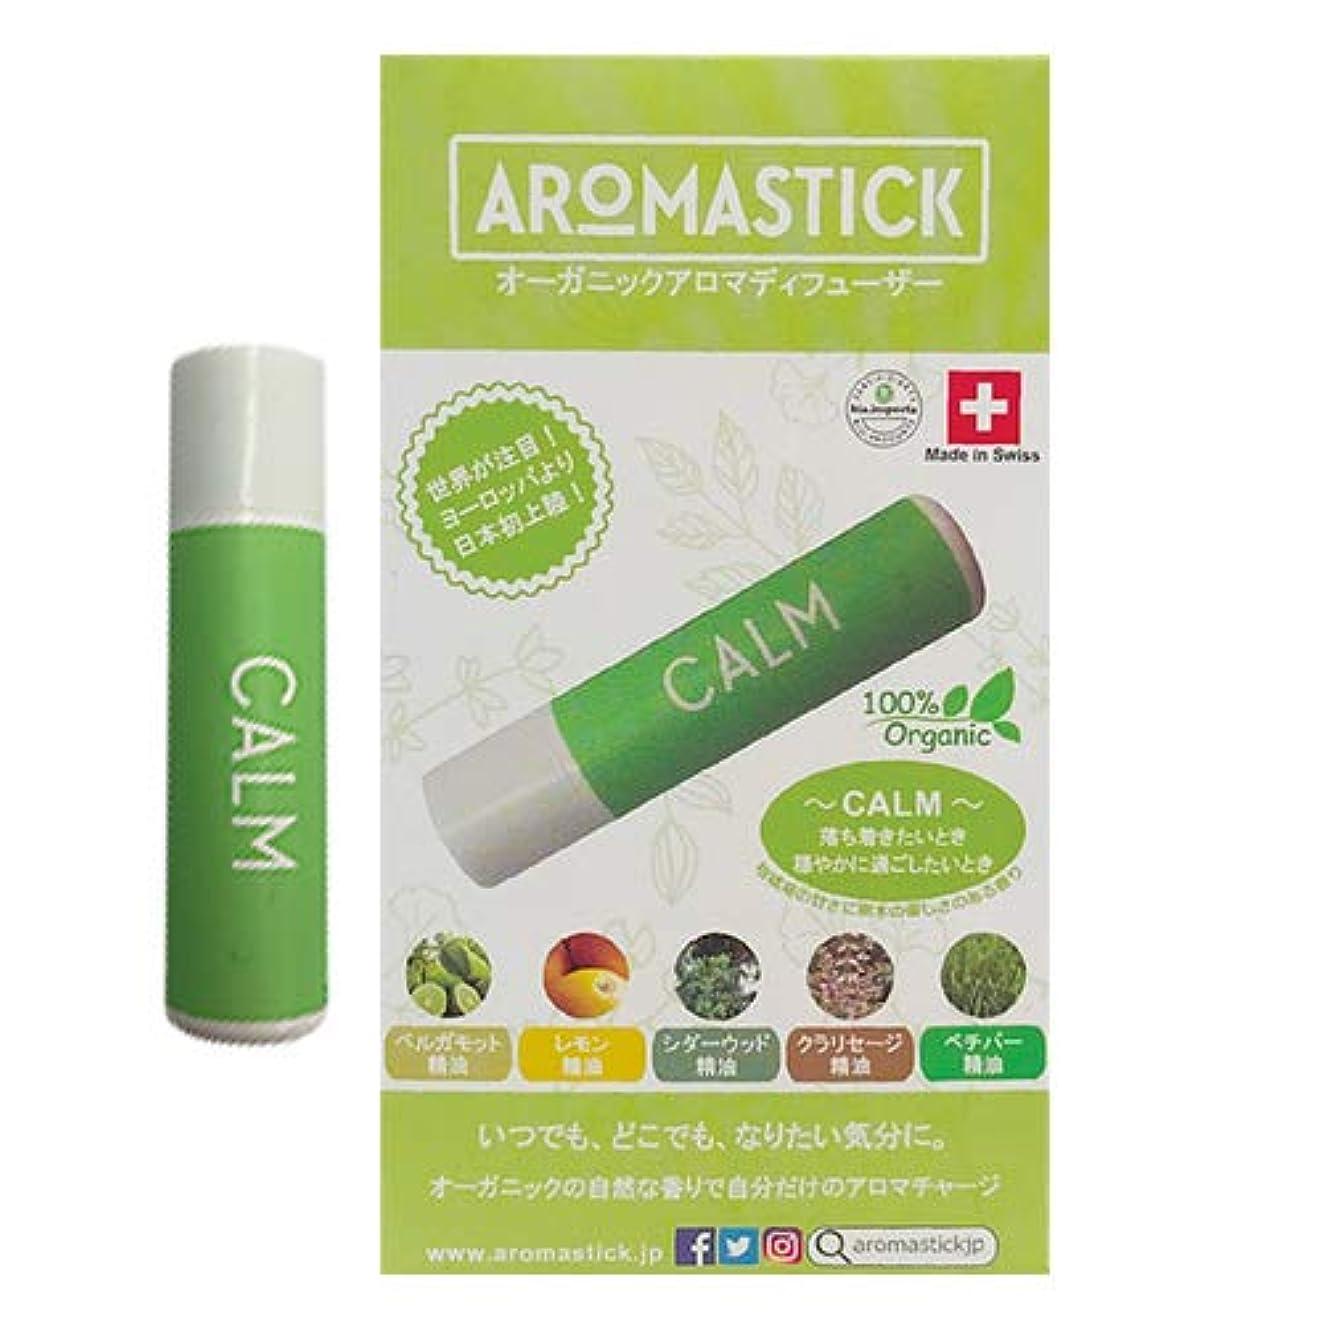 操作可能難しいに同意するオーガニックアロマディフューザー アロマスティック(aromastick) カーム [CALM]